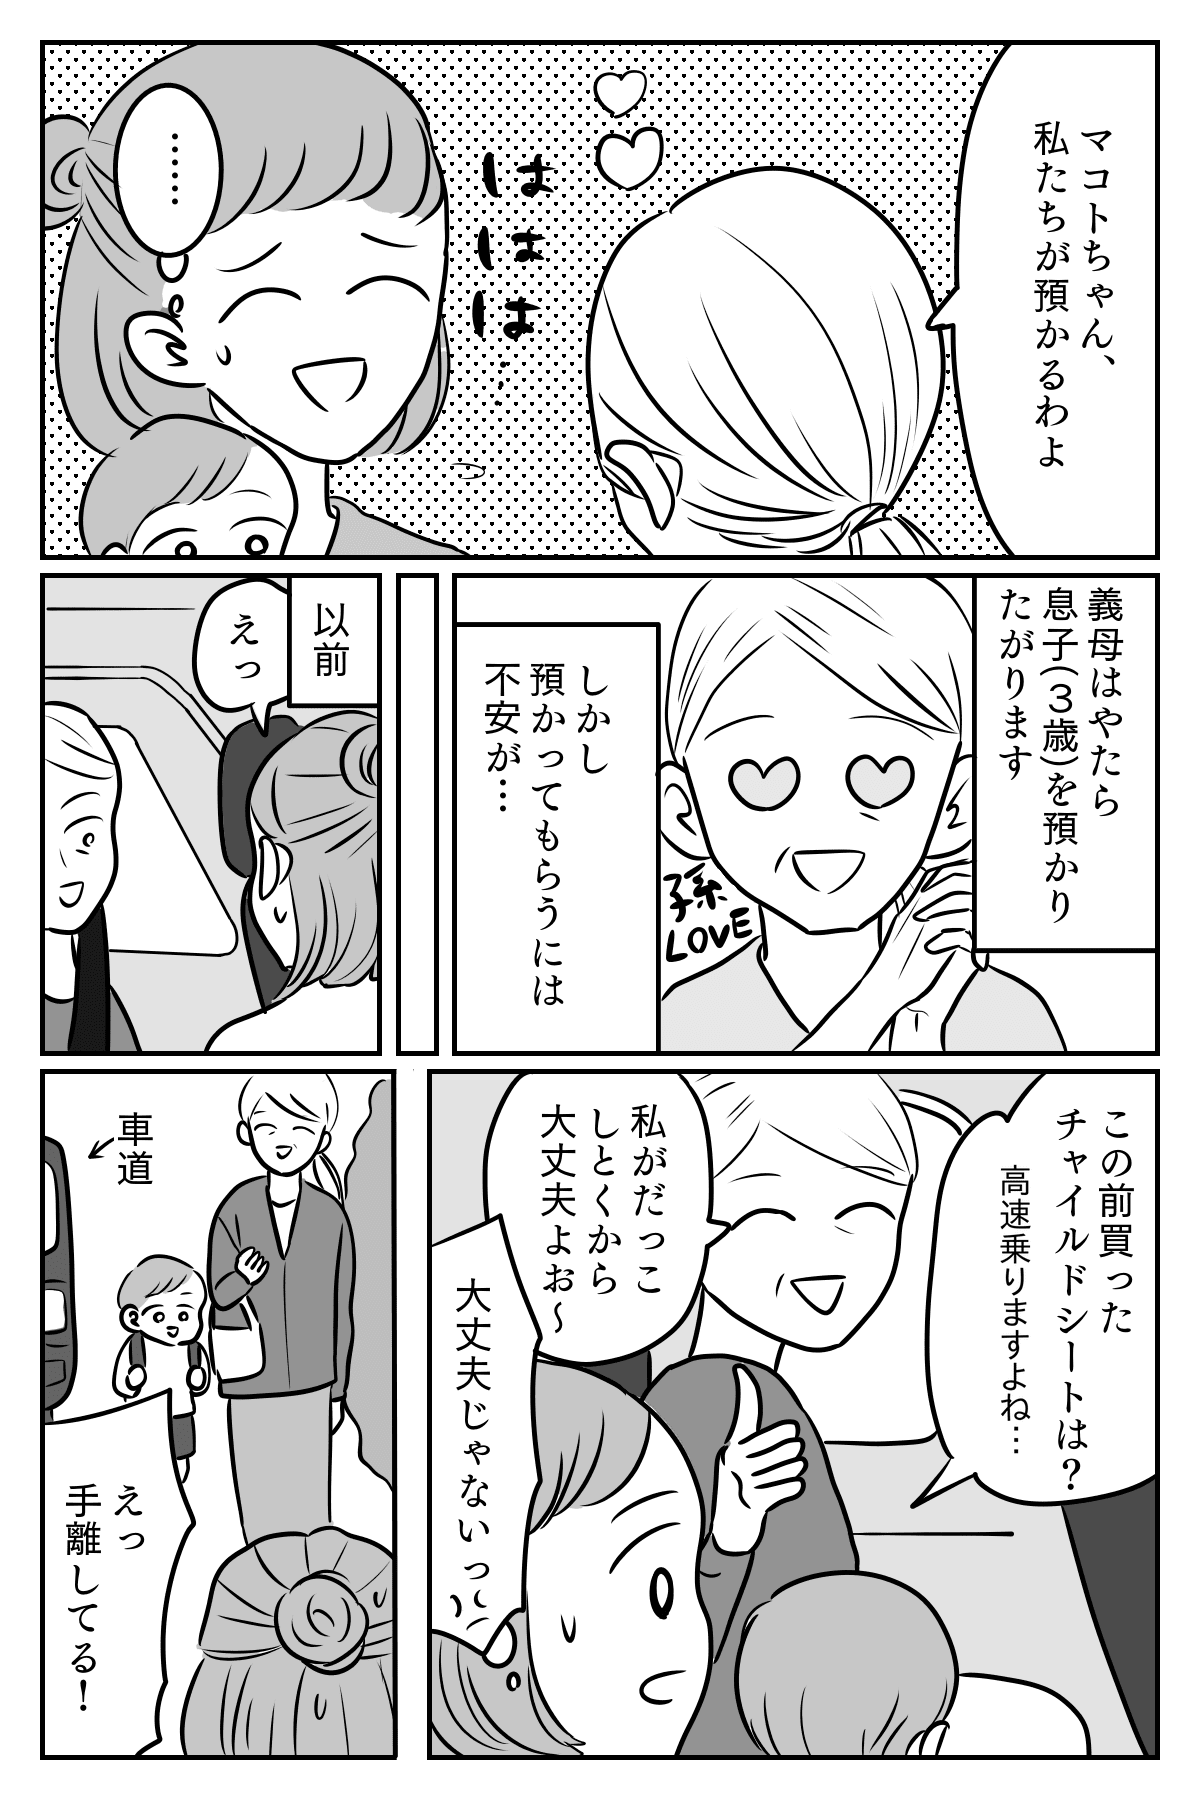 預からせて1-1